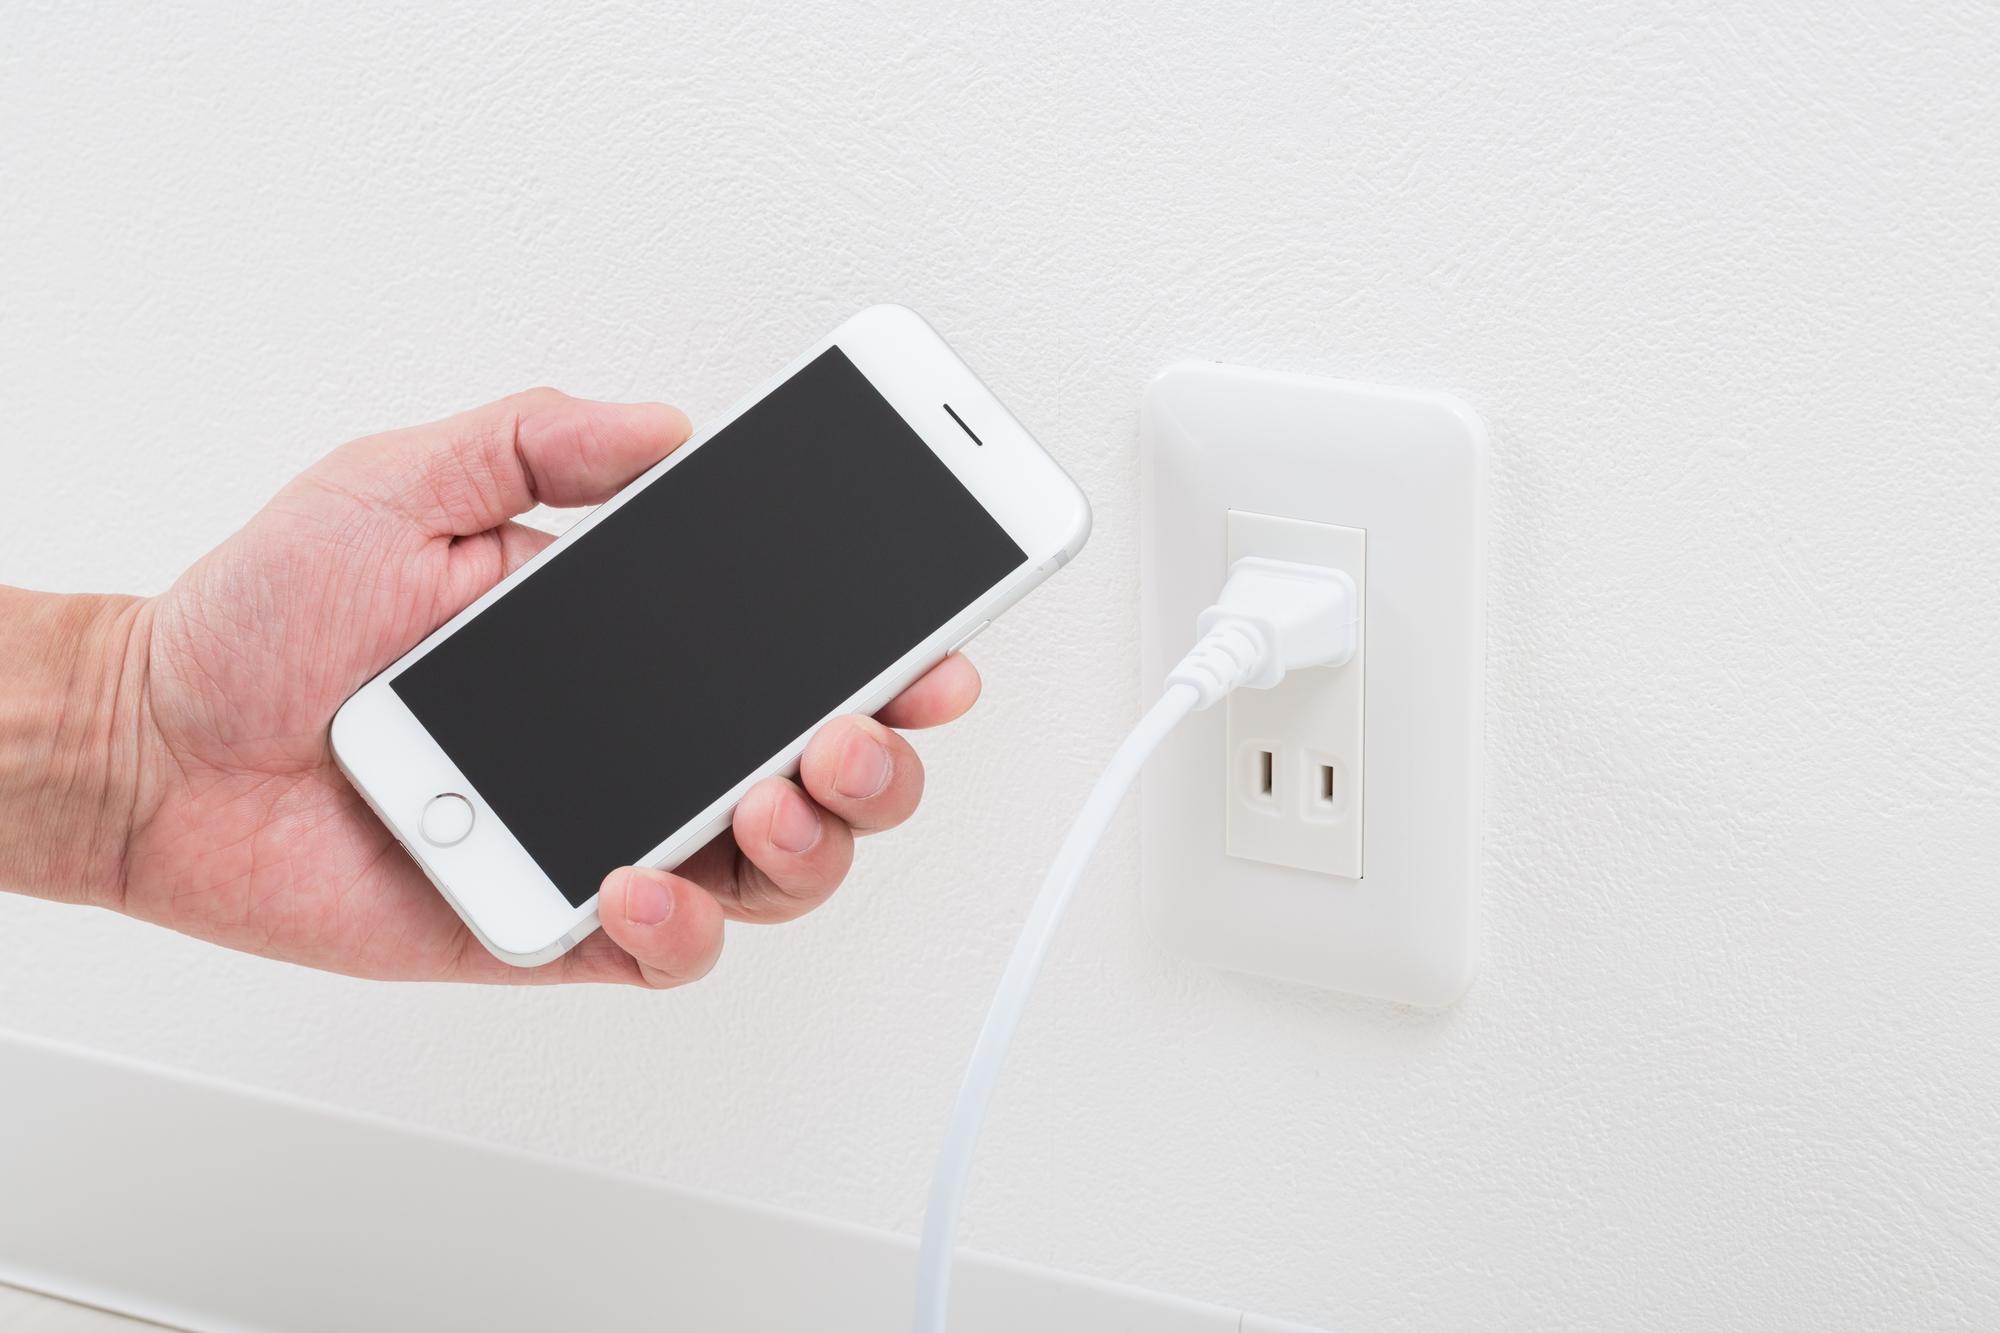 急速充電とはなにかとスマホ用急速充電ケーブルのおすすめを解説